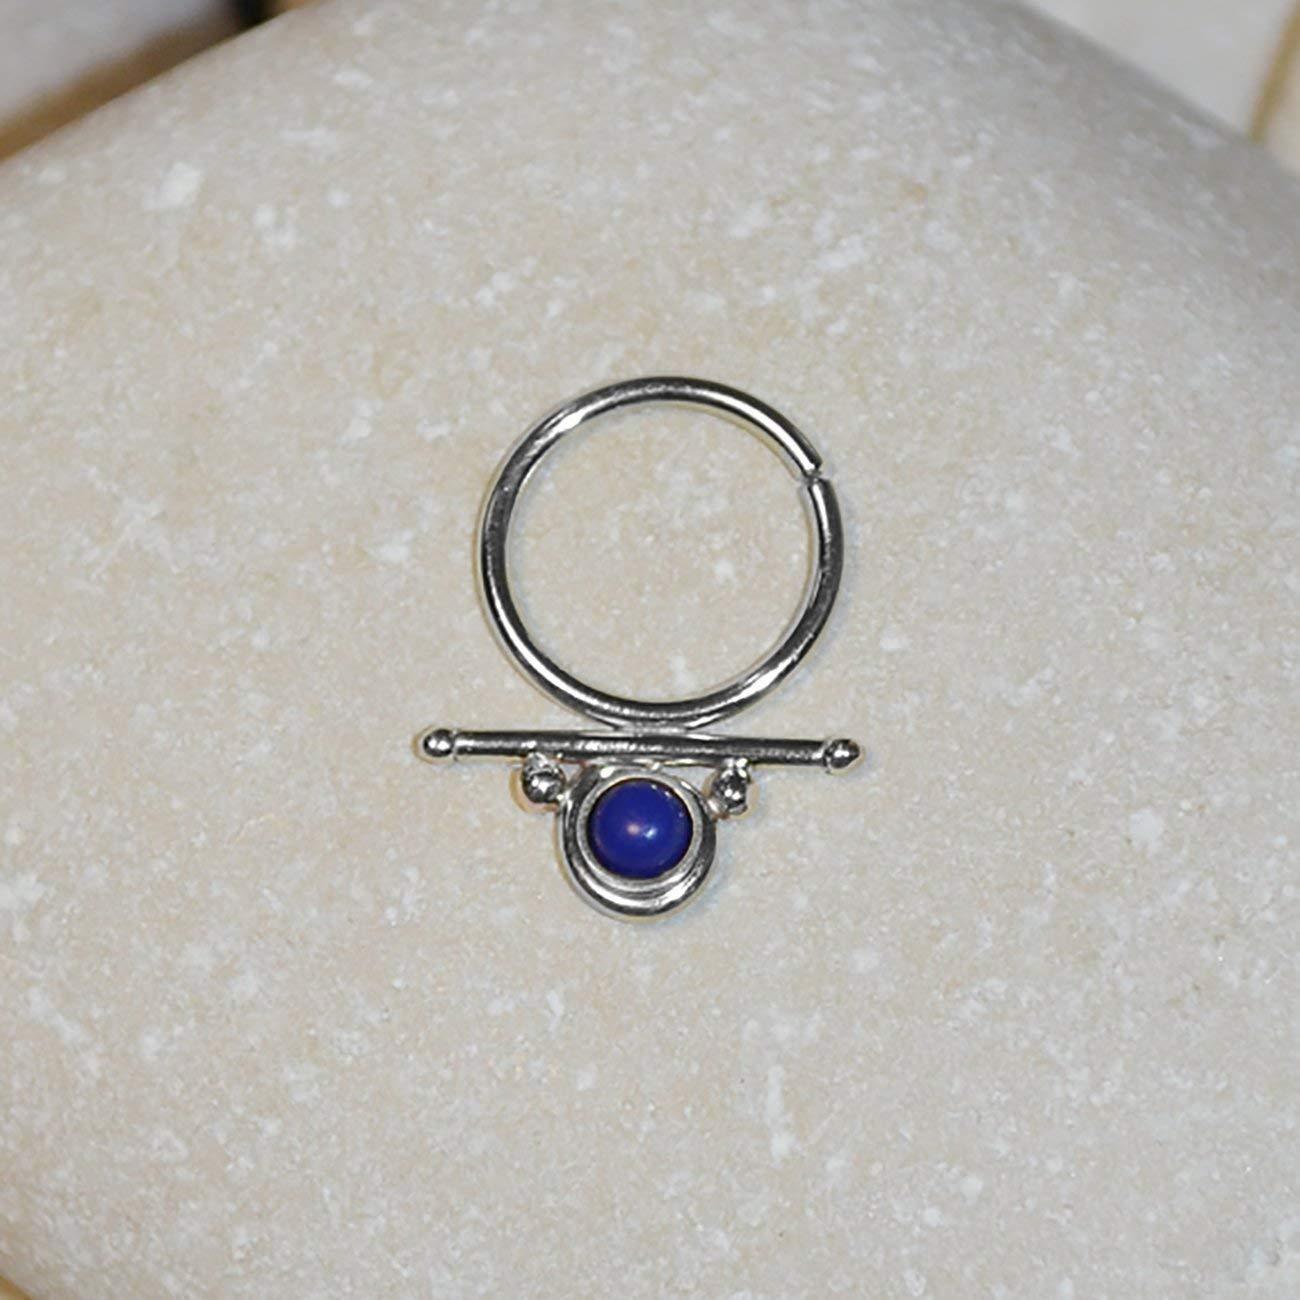 septum hoop helix earring helix hoop -cartilage hoop helix piercing jewelry nose ring